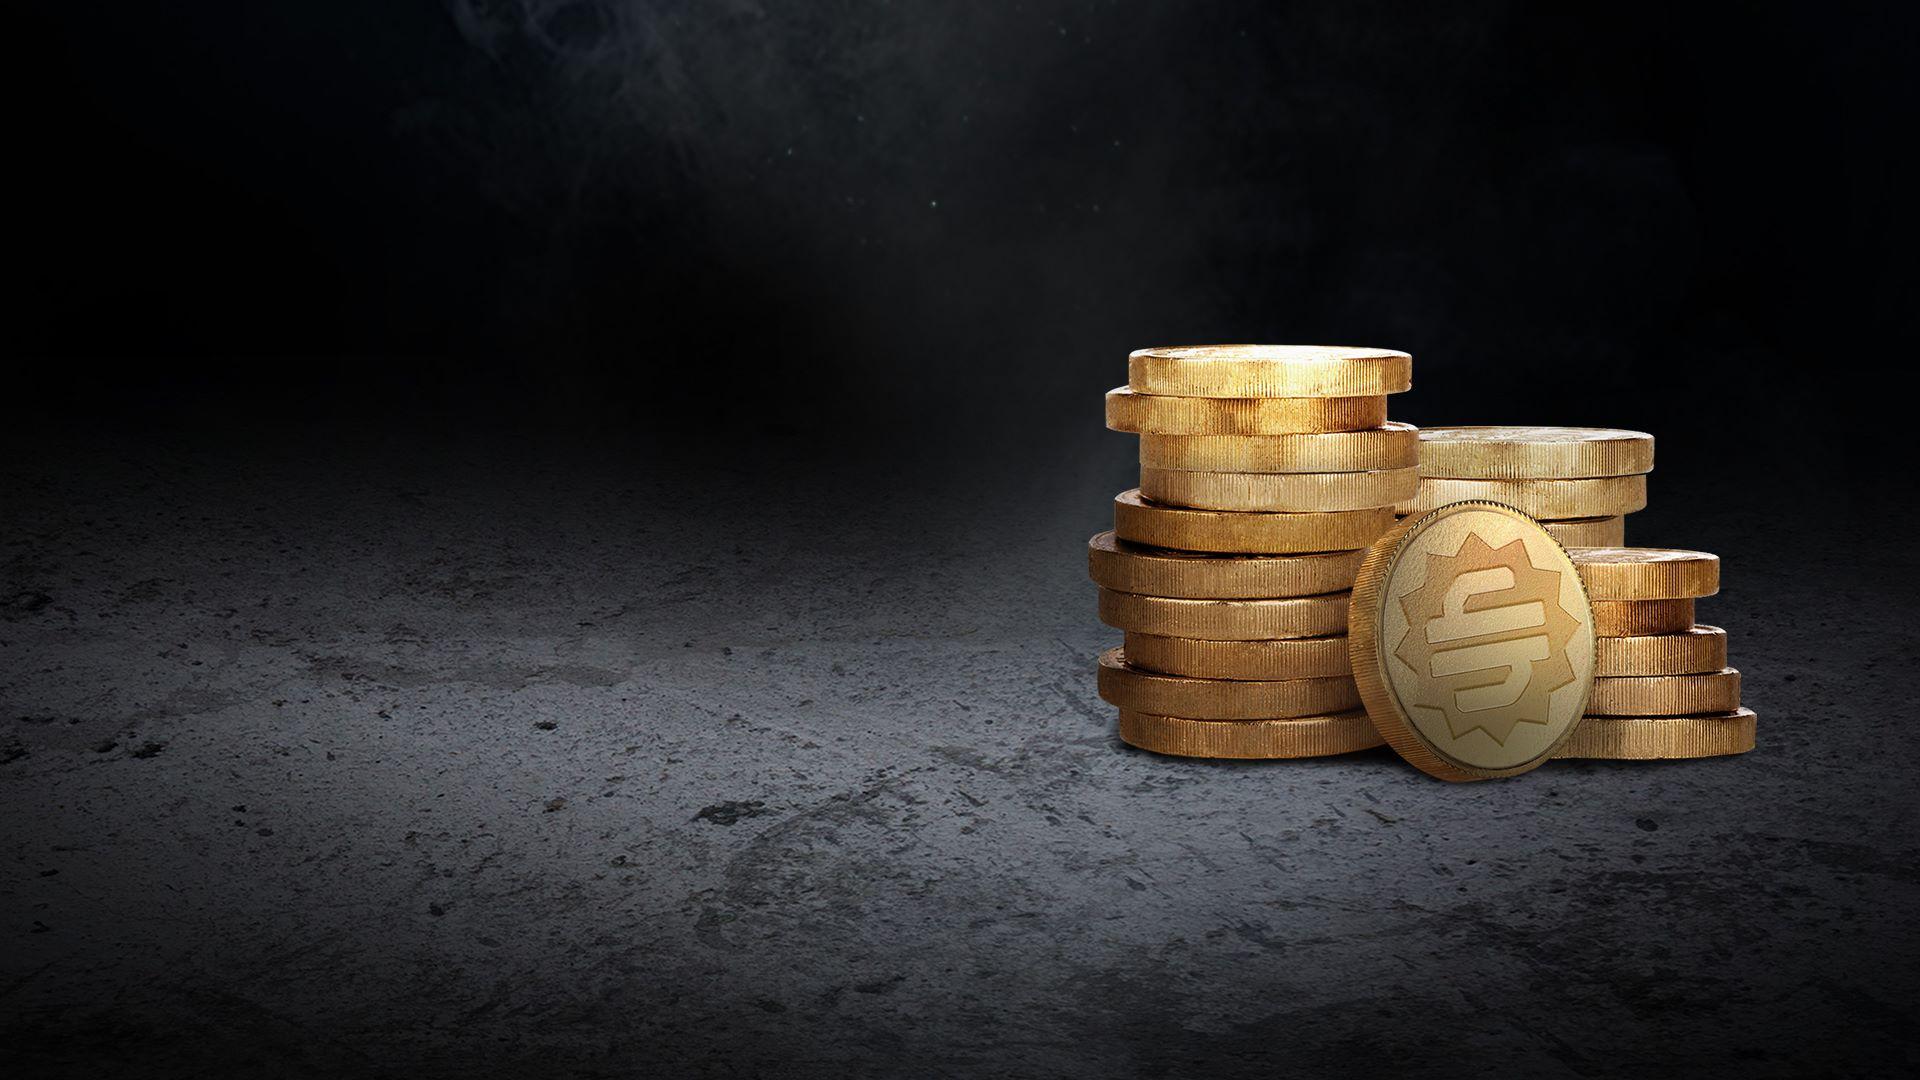 Tom Clancy's The Division – Комплект премиальных кредитов: 2400